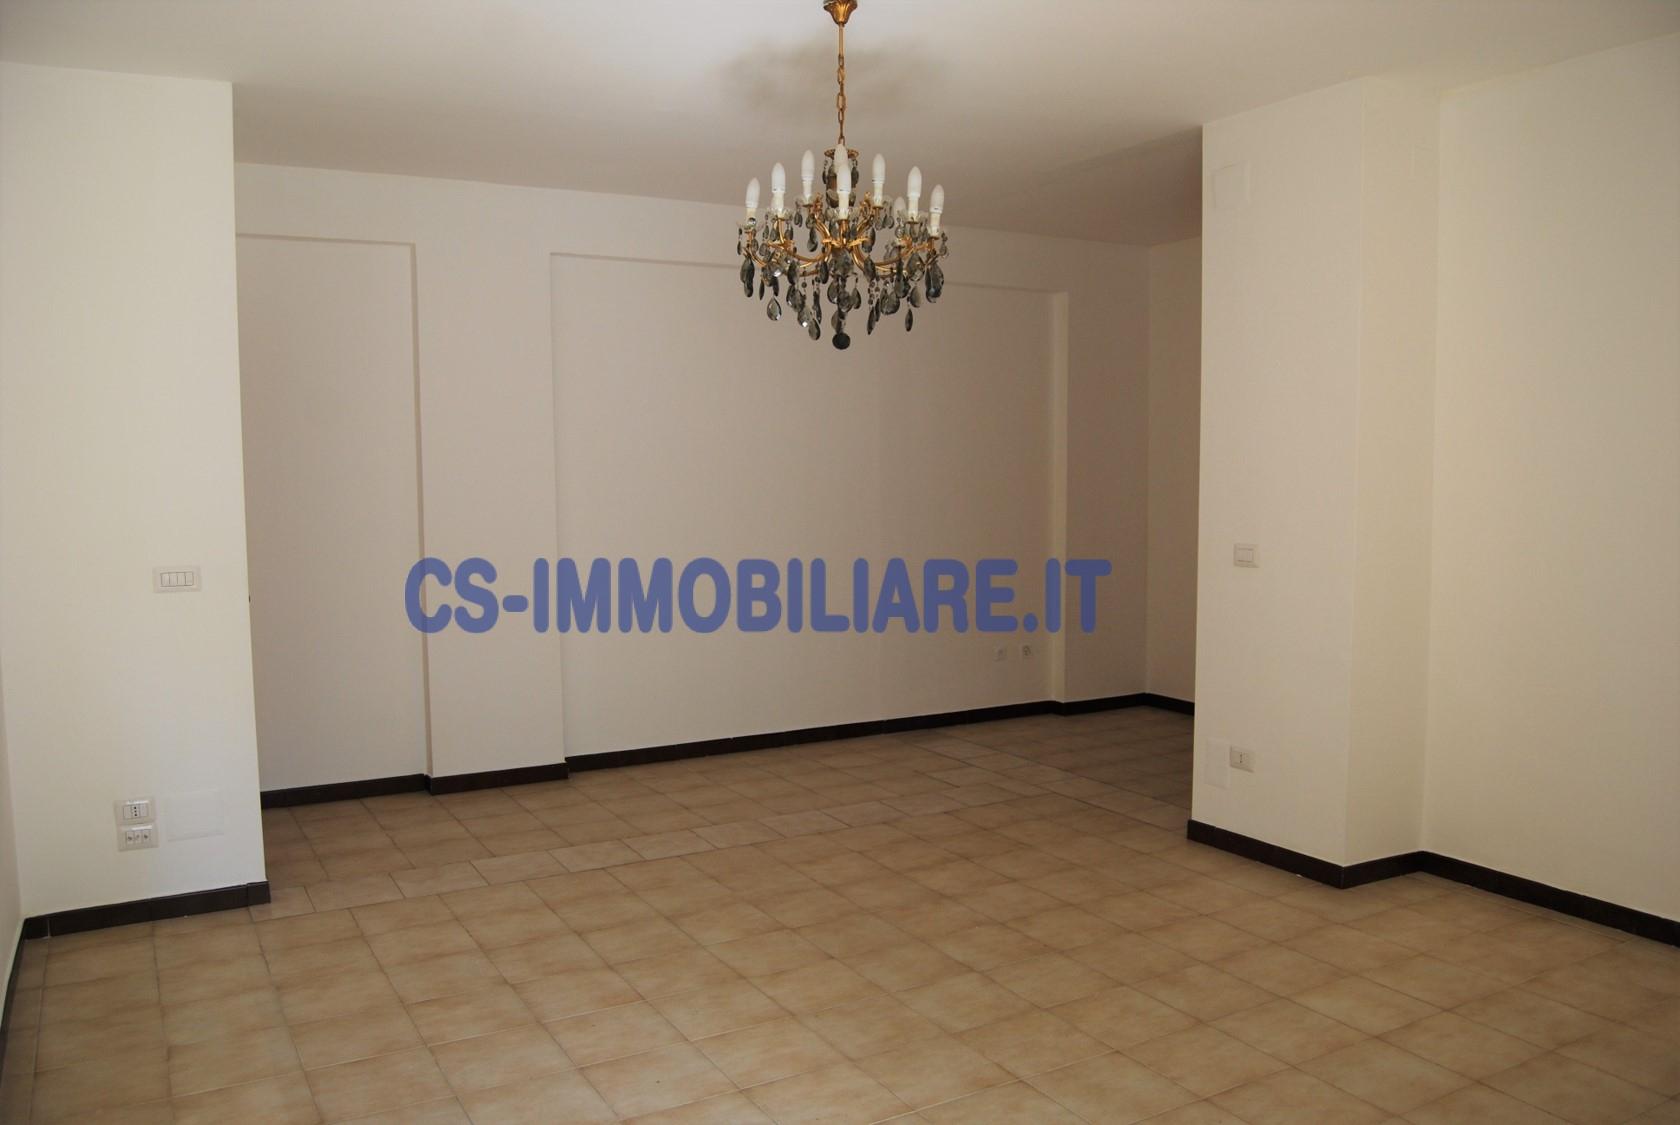 Appartamento POTENZA vendita  Semicentro  CS IMMOBILIARE